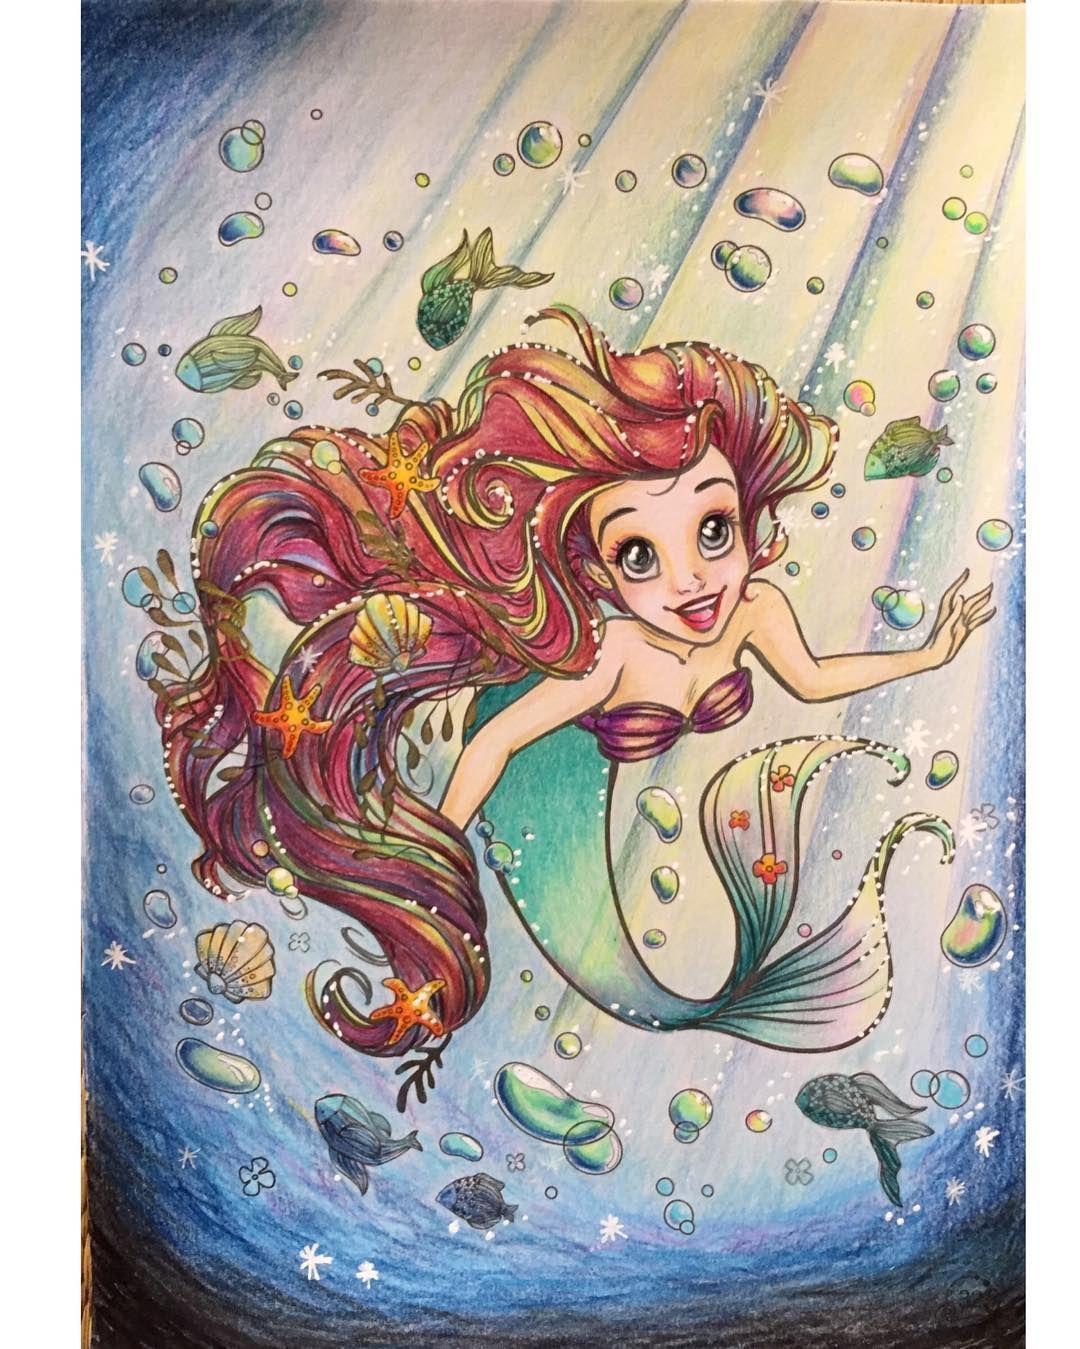 アートぬりえariel より 毎日暑い日が続いています 少しでも涼しく感じれば と このページ イメージは 光が差し込む水中から海面を望む アリエル いろんな色で髪の流れを塗るのが楽しかったです 泡のつもりで白ペン多用しました ディズニー